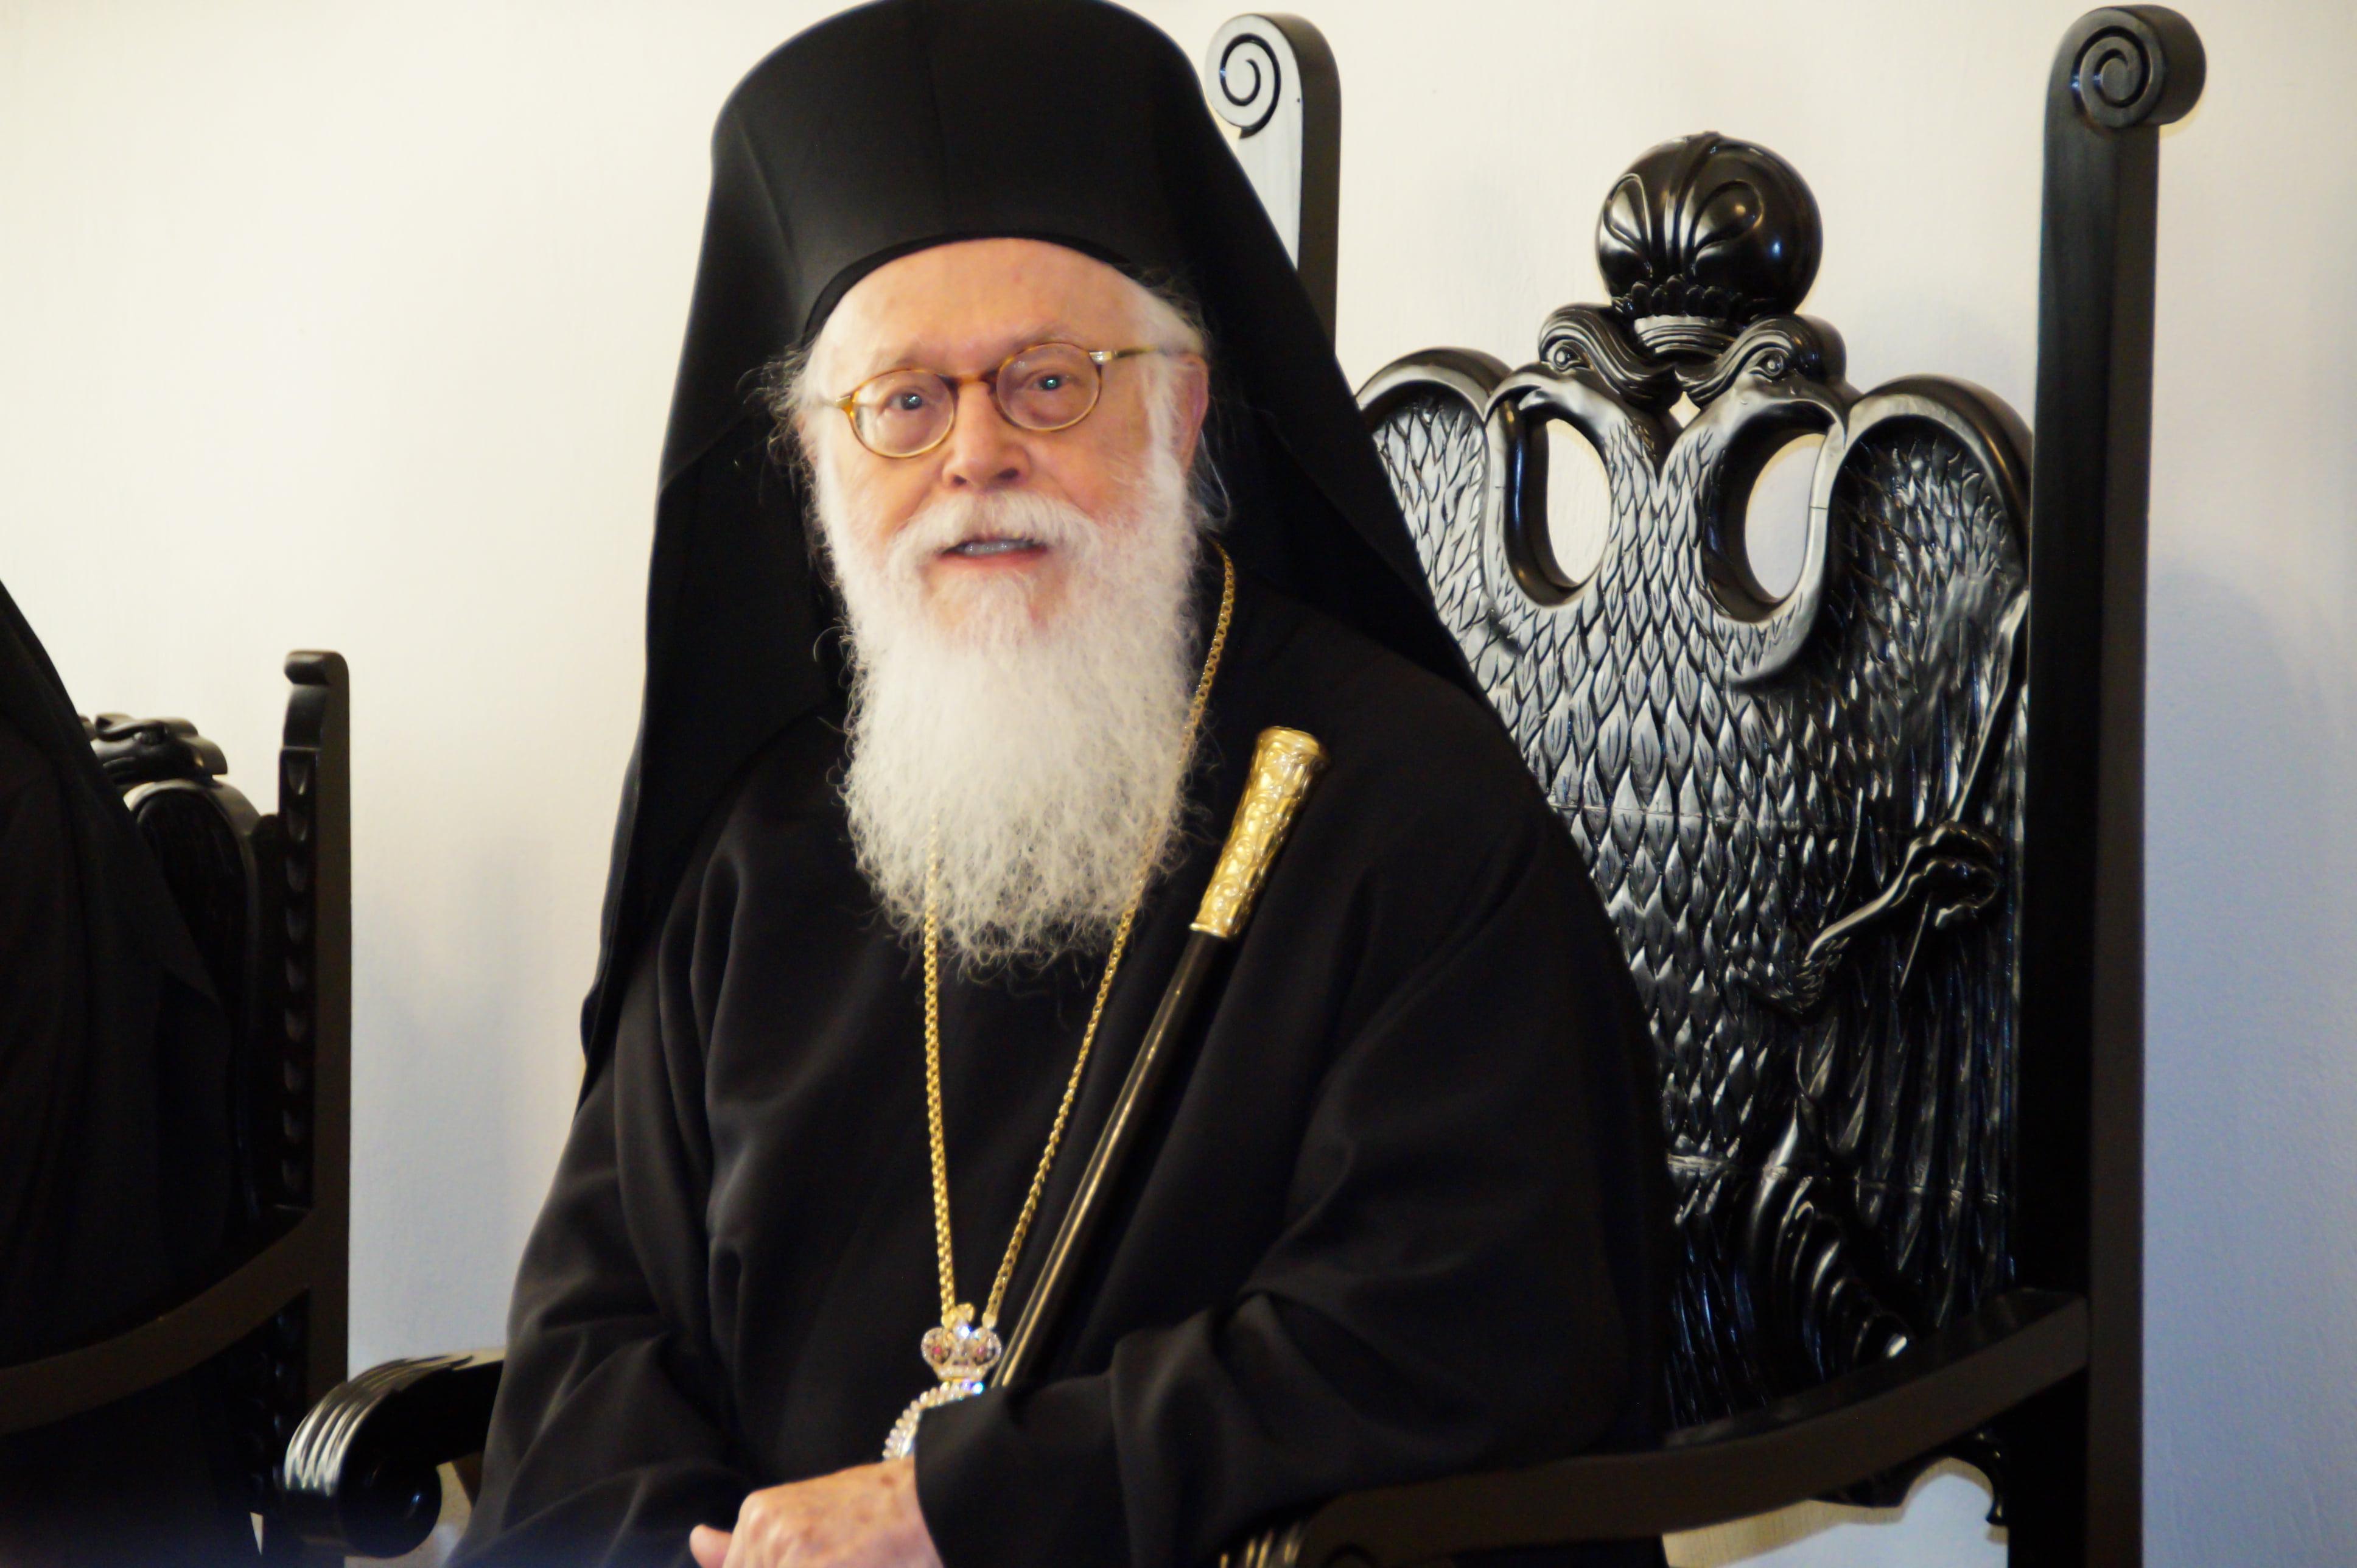 Θρησκευτικός πλουραλισμός και ειρηνική συνύπαρξη (Ορισμένες επισημάνσεις)